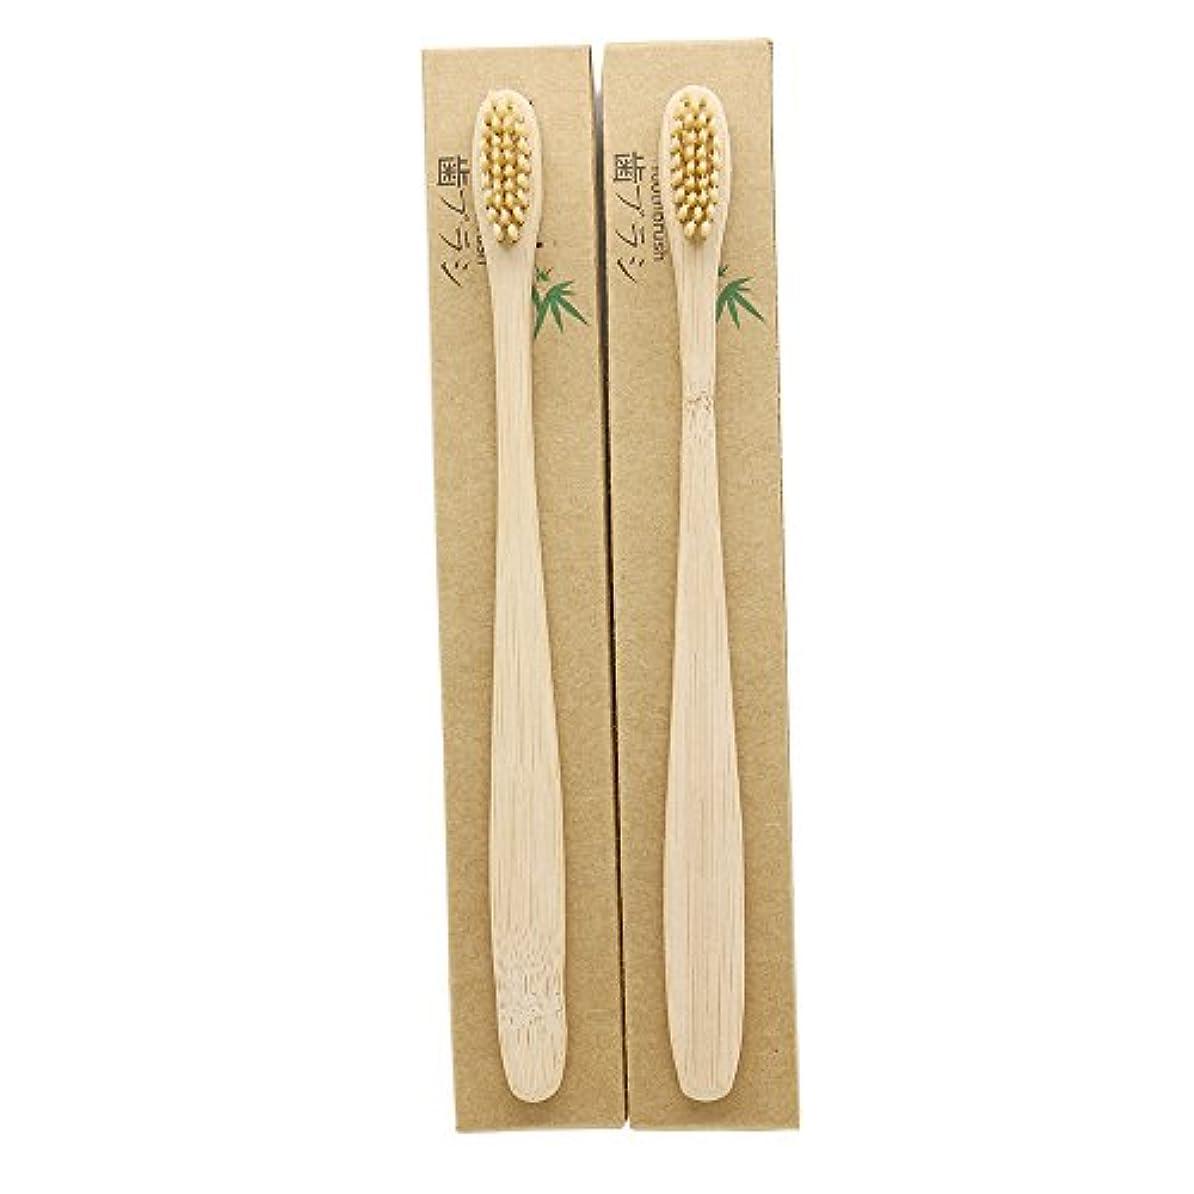 滑りやすいプラスチック疑い者N-amboo 竹製耐久度高い 歯ブラシ 2本入り セット エコ ヘッド小さい クリ—ム色